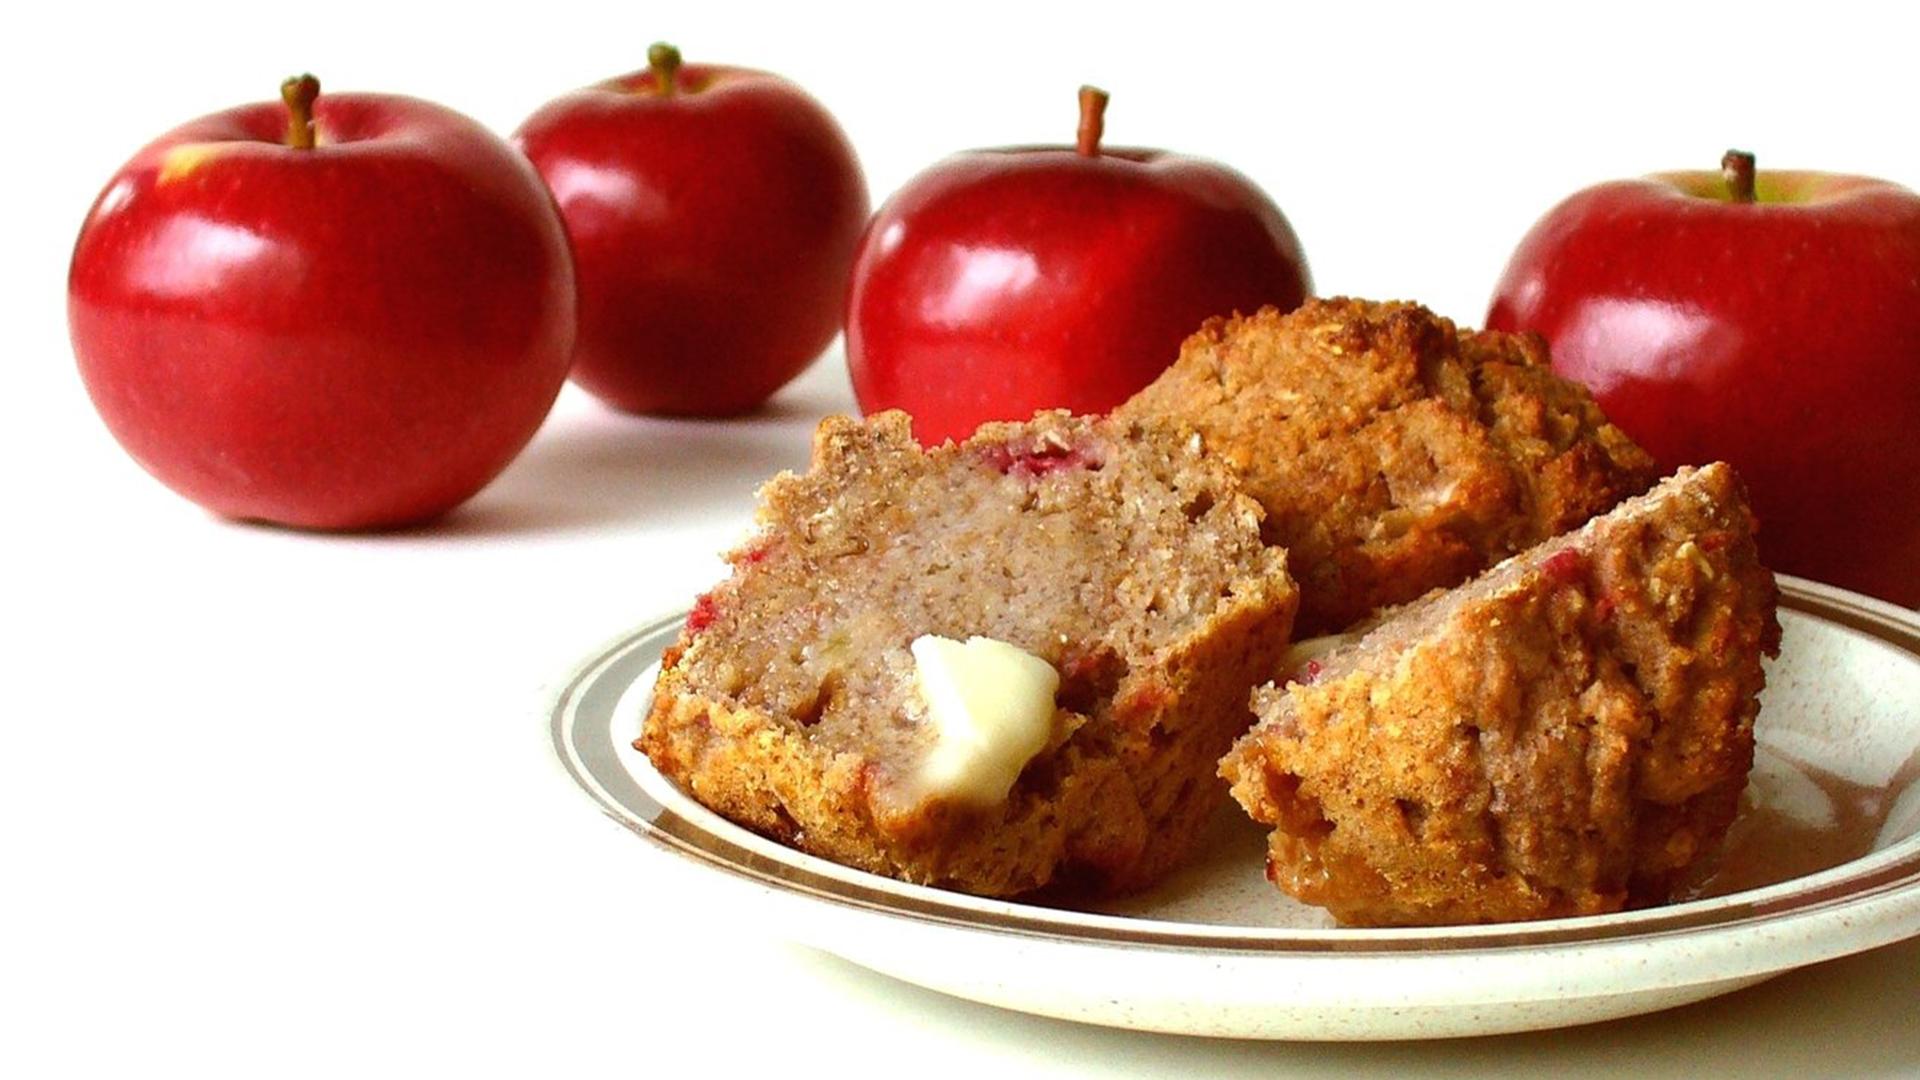 Червени летни ябълки и мини кексчета в порделанова чиния